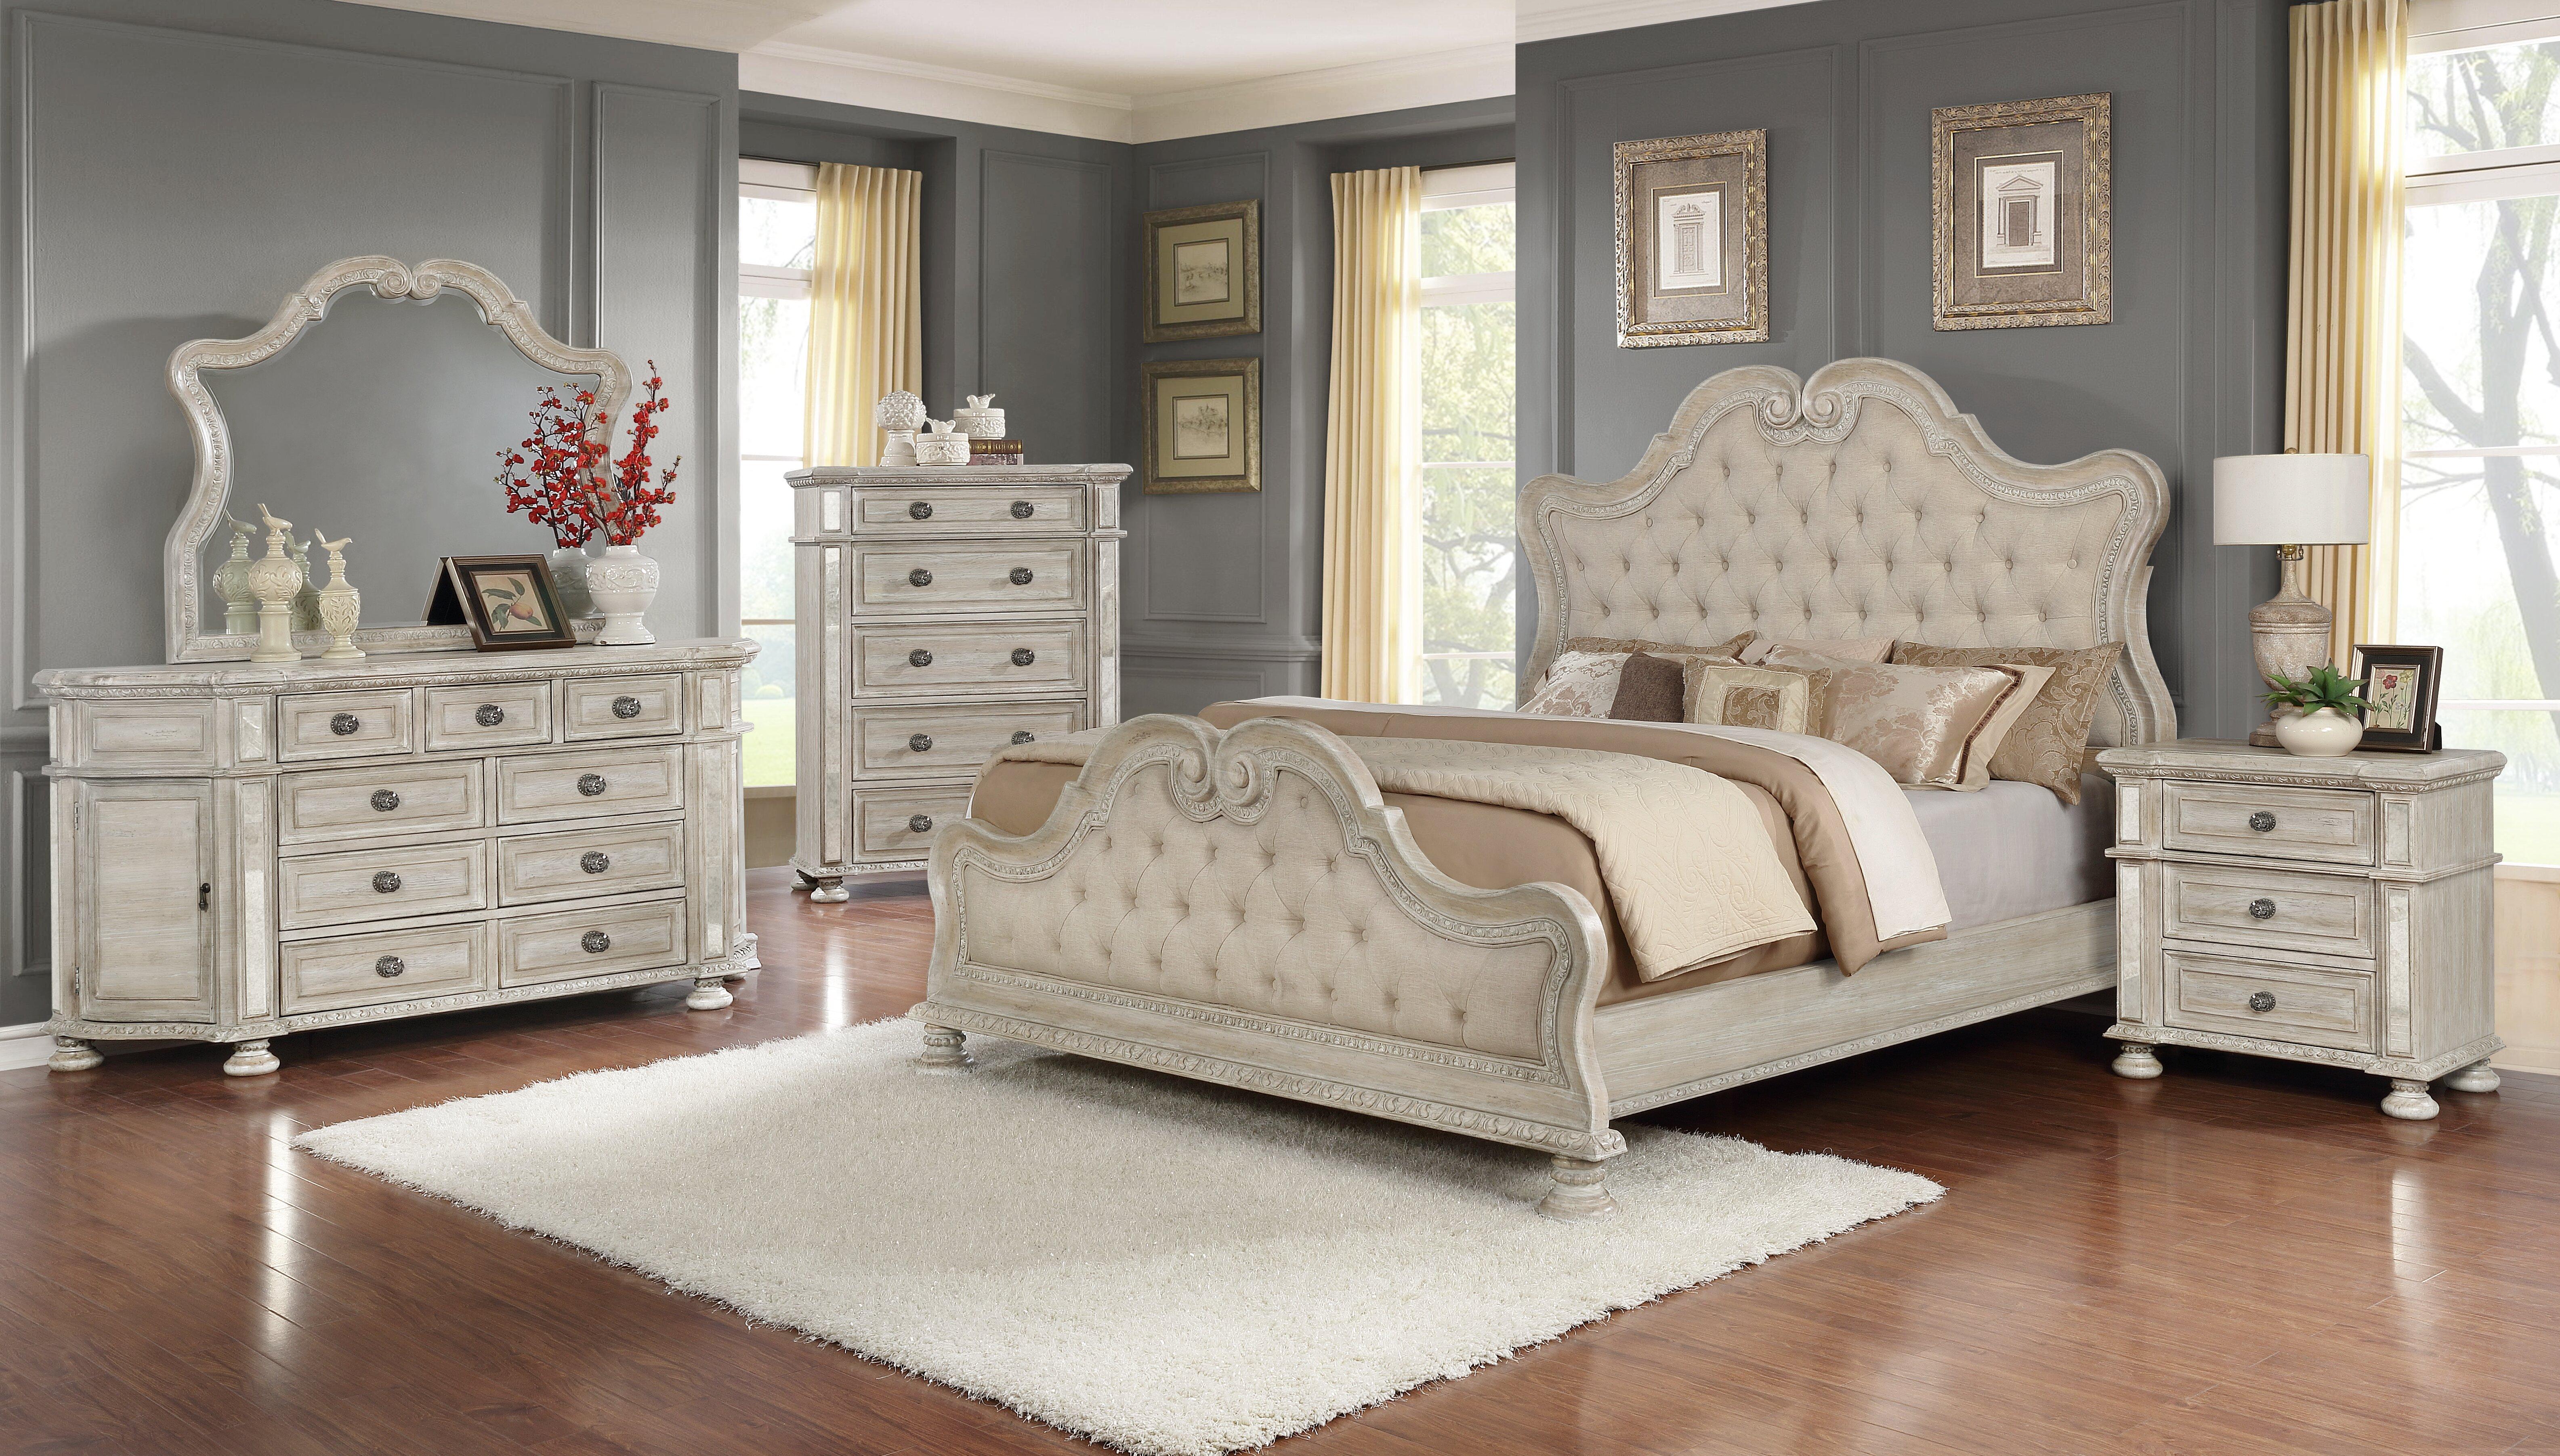 Astoria Grand Olszewski Standard 5 Piece Bedroom Set Wayfair